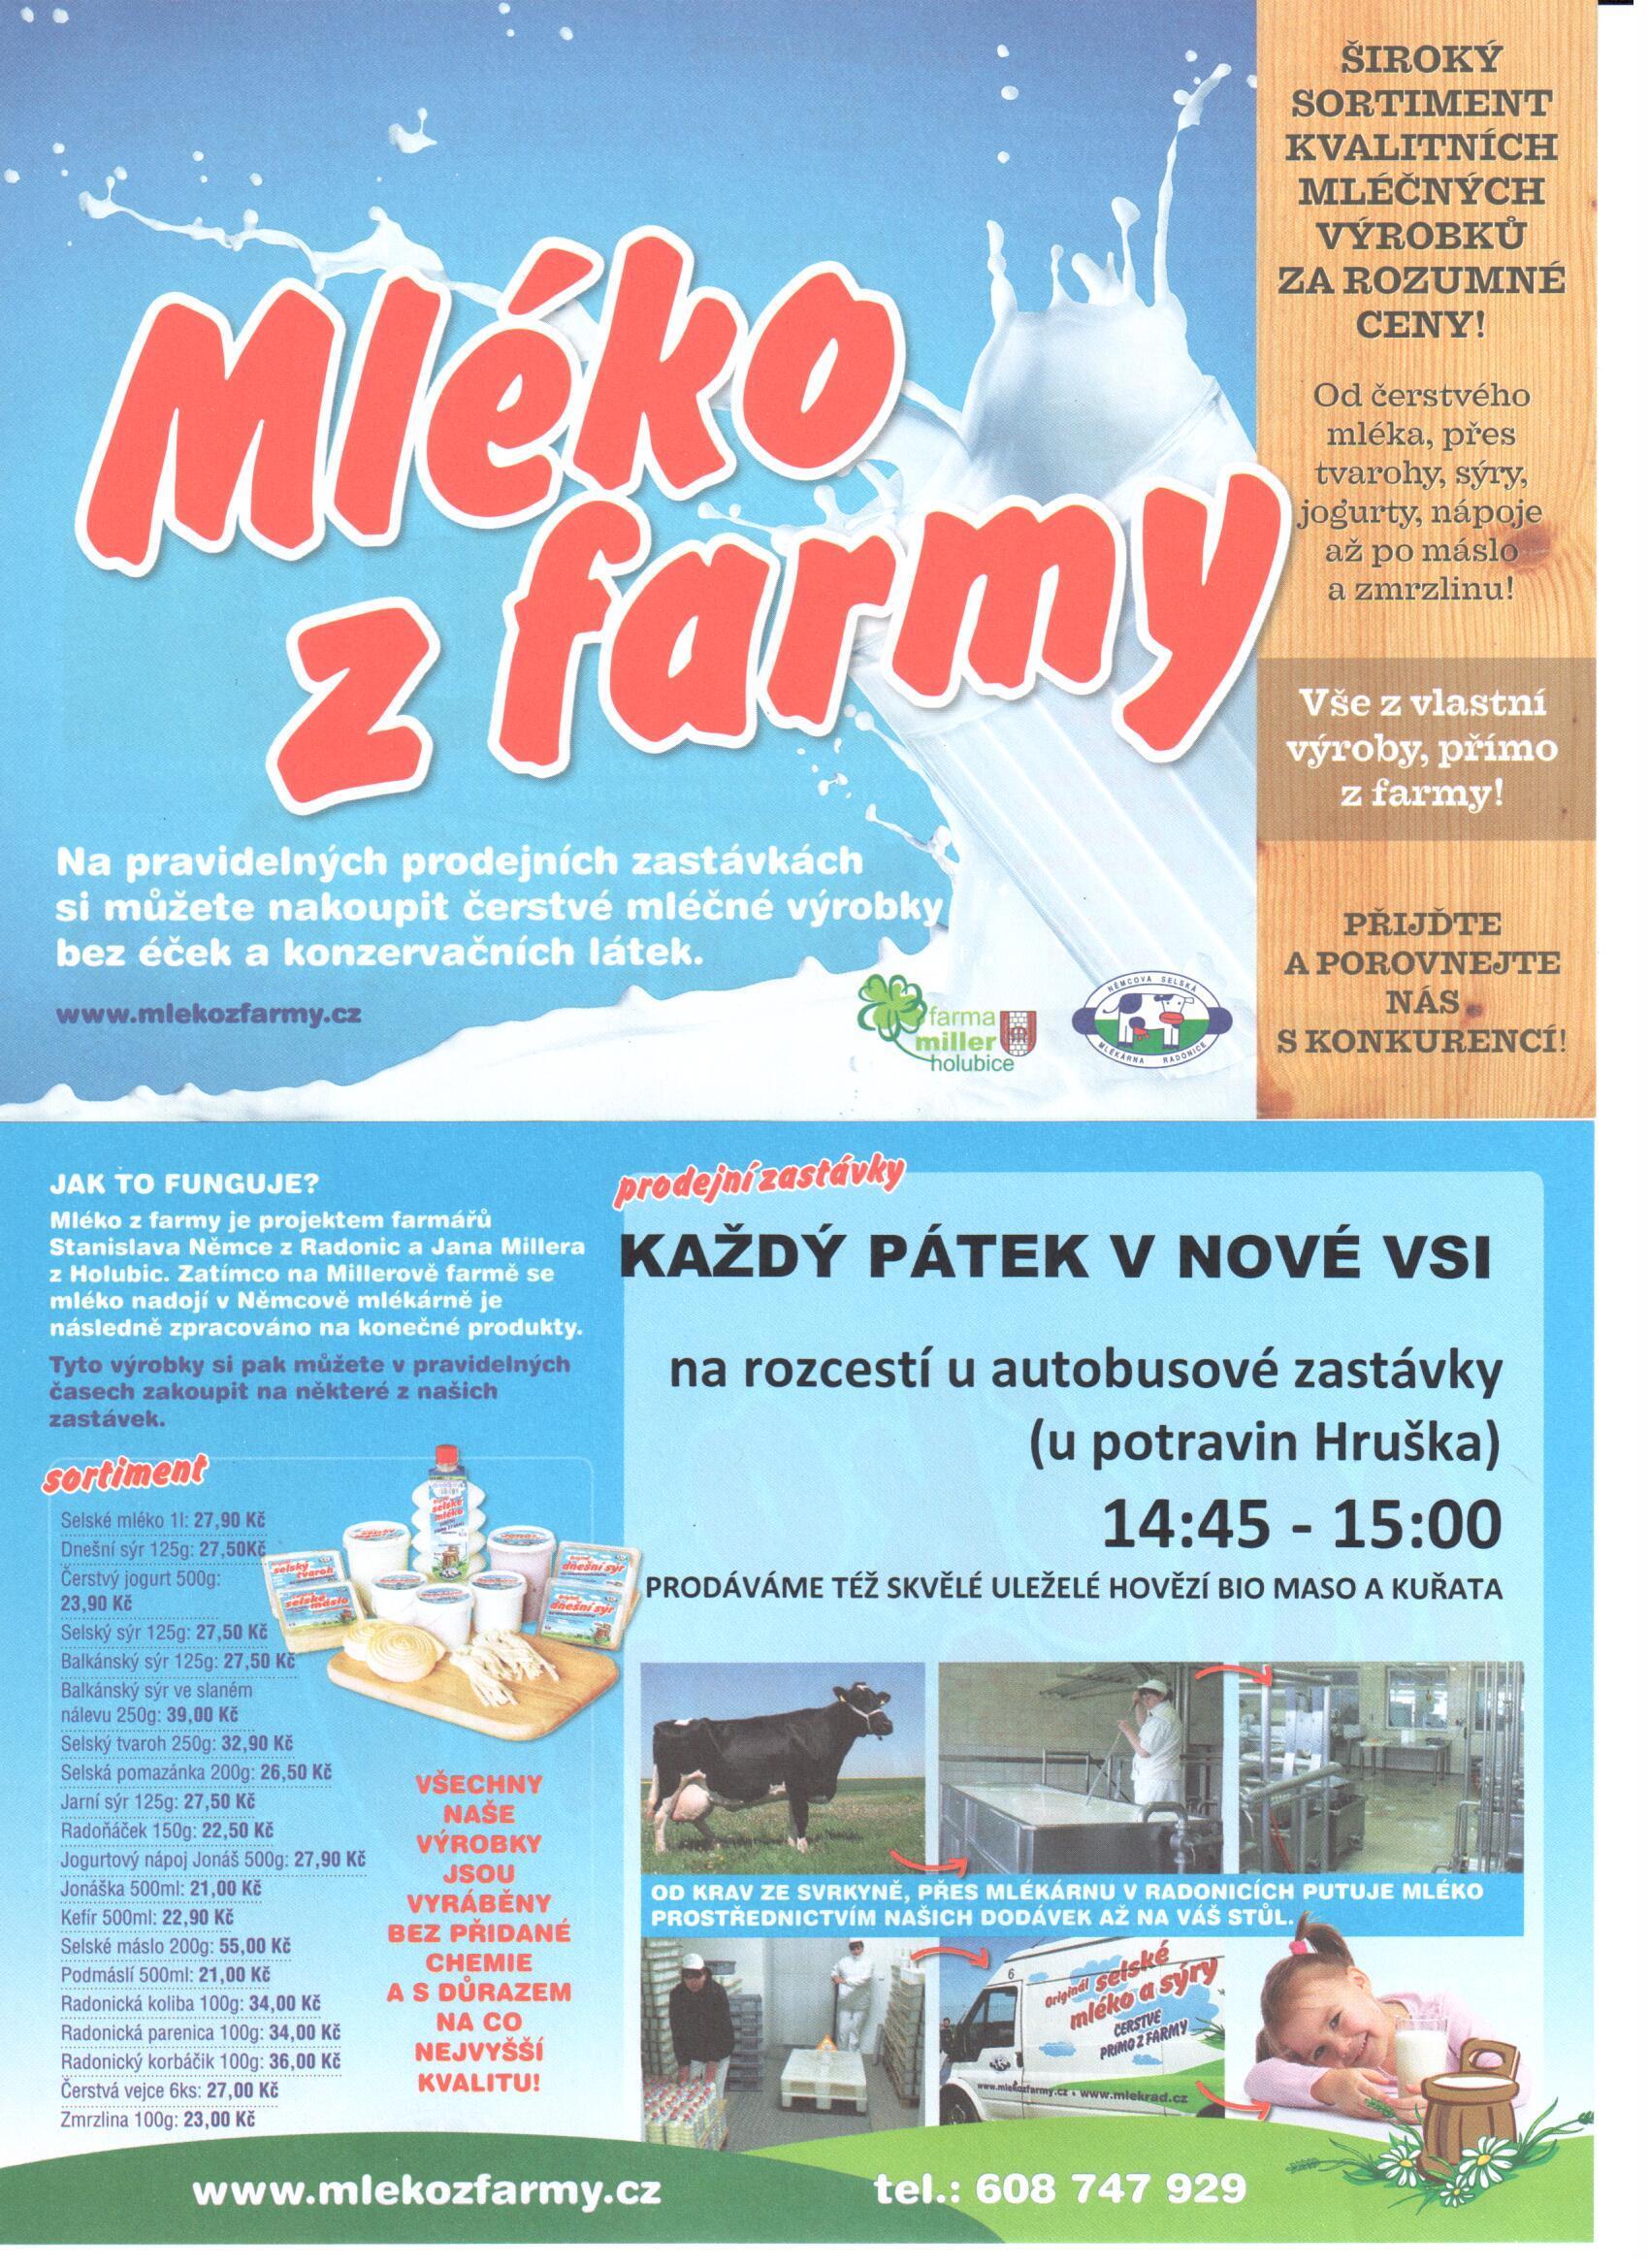 Mléko z farmy